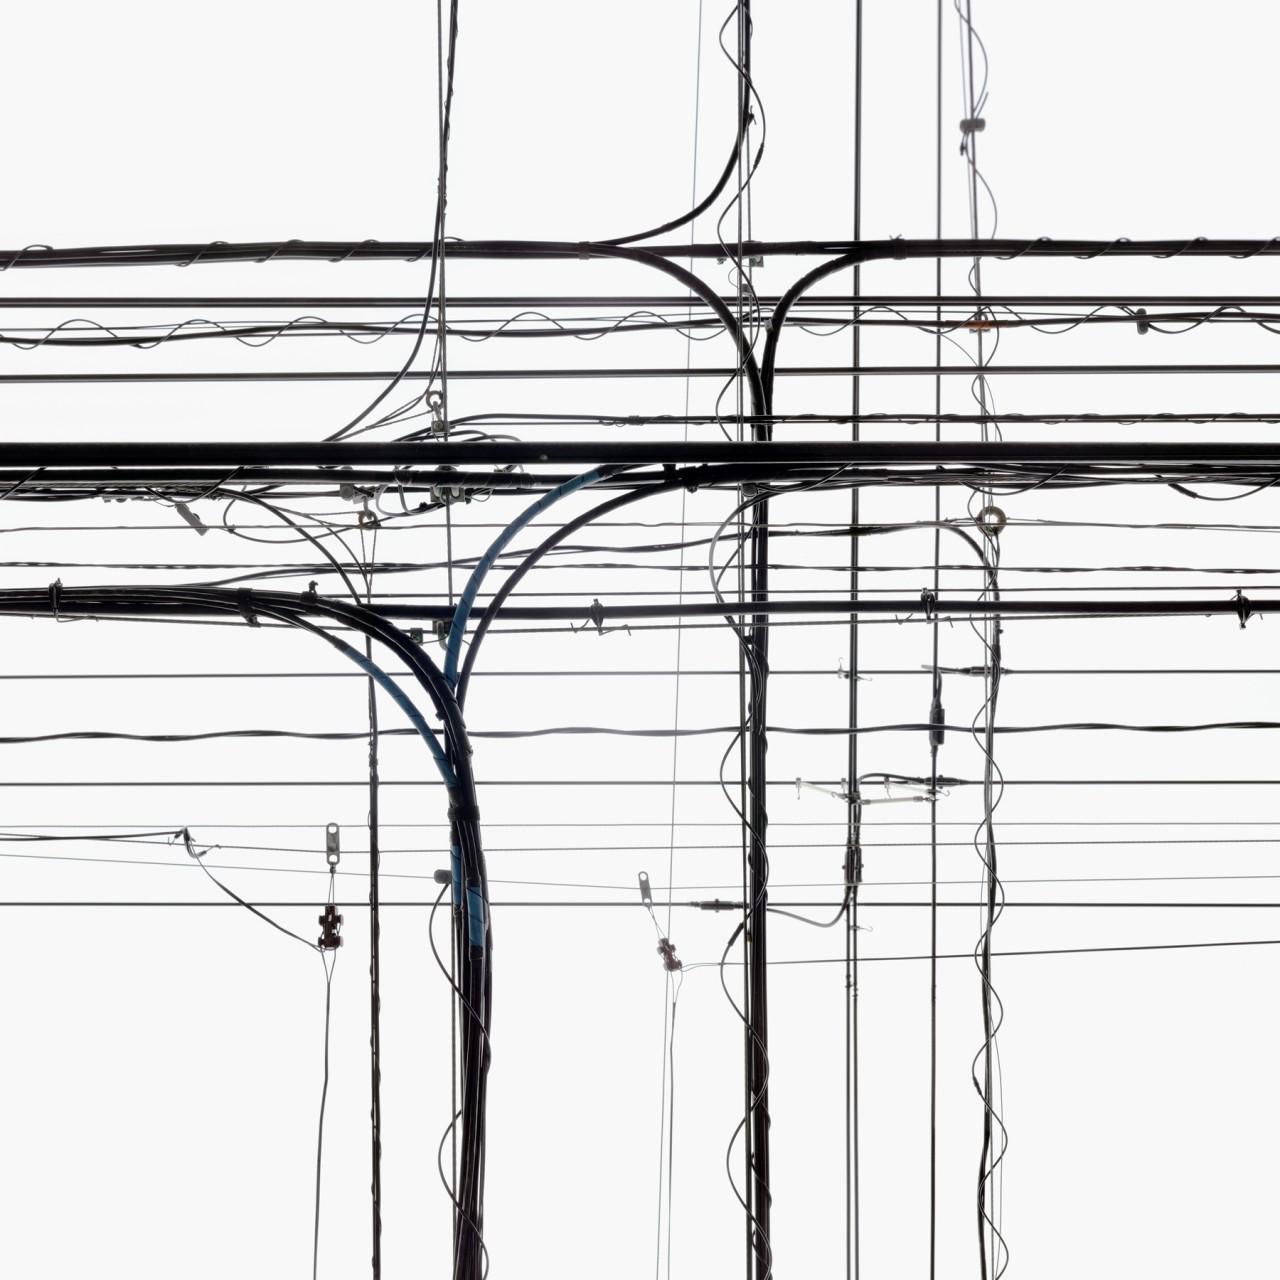 The Japan Series - Poles 17 | 2010 | Pigment inkjet print on fine art paper, framed | 100 x 100 cm